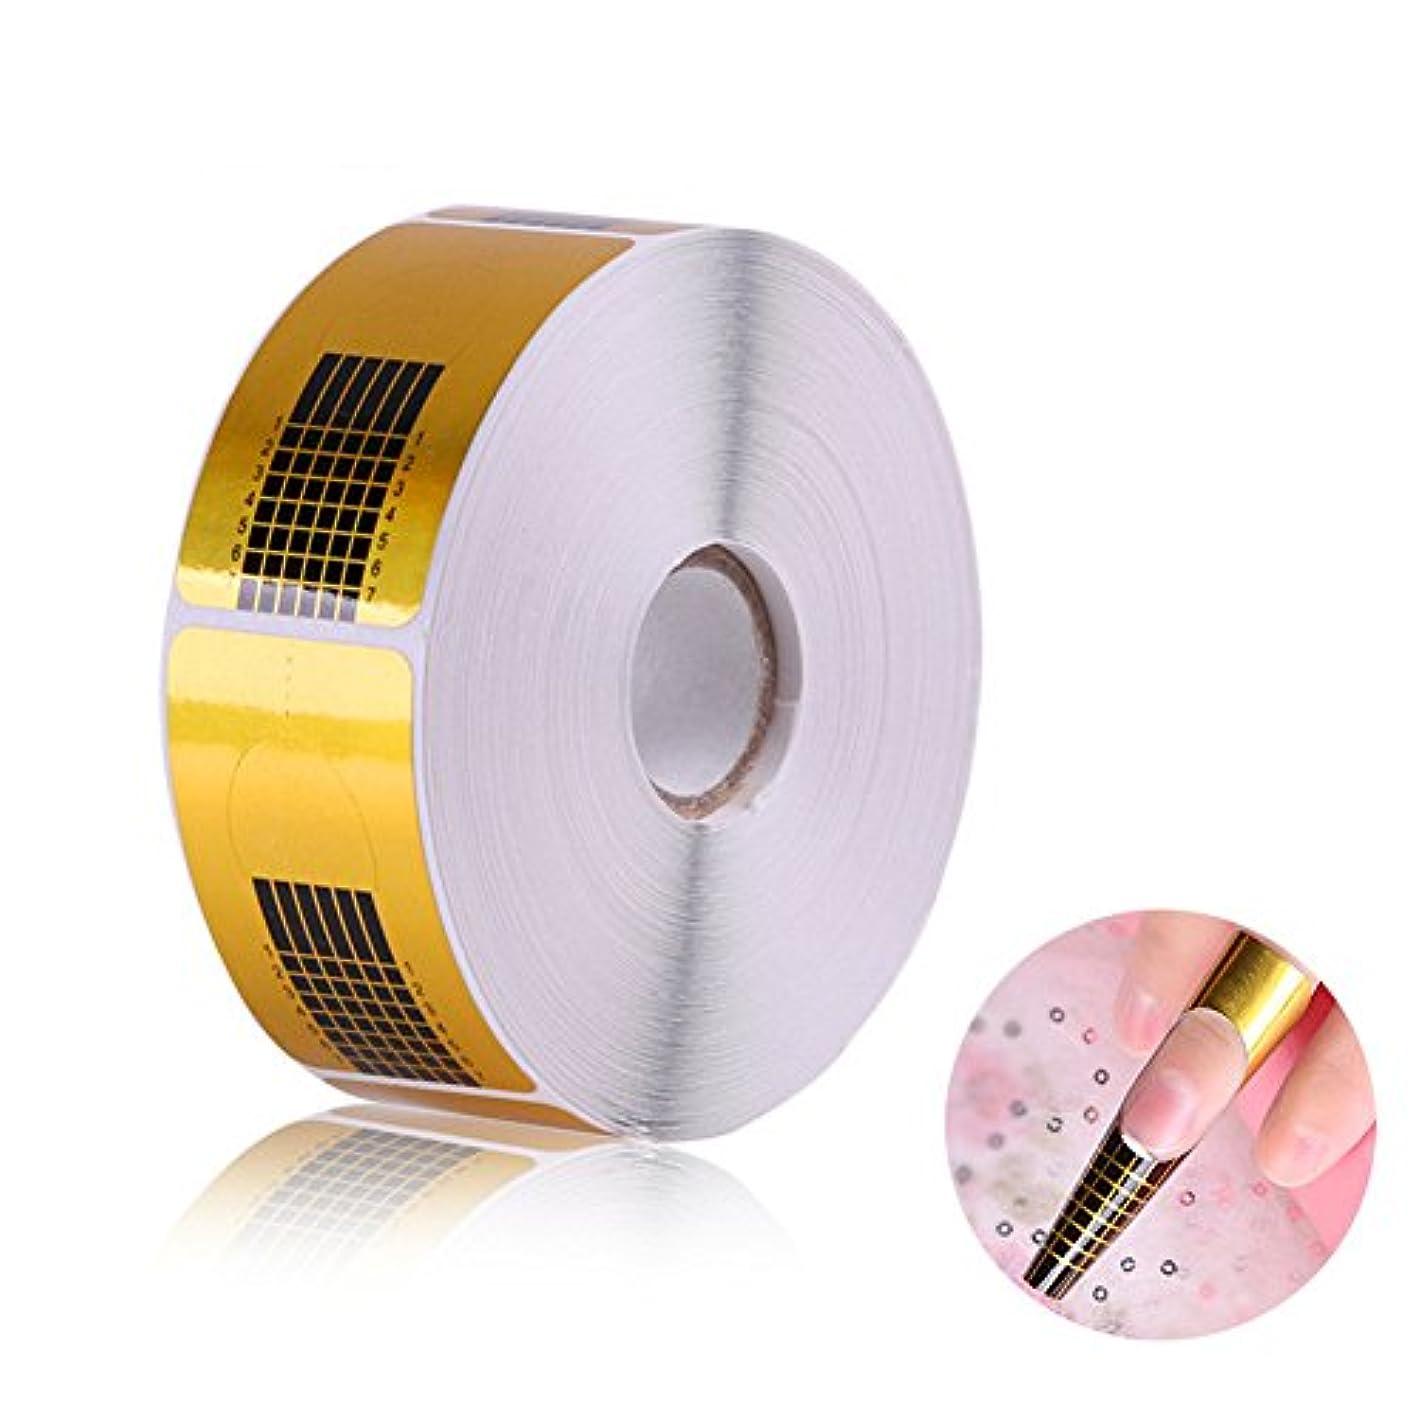 シャックル悪化させる裁量長さだしネイルフォームガイドテープ アクリル、UVジェルネイルチップエクステンションに適用なツール マニキュアネイルアートツール (500枚)